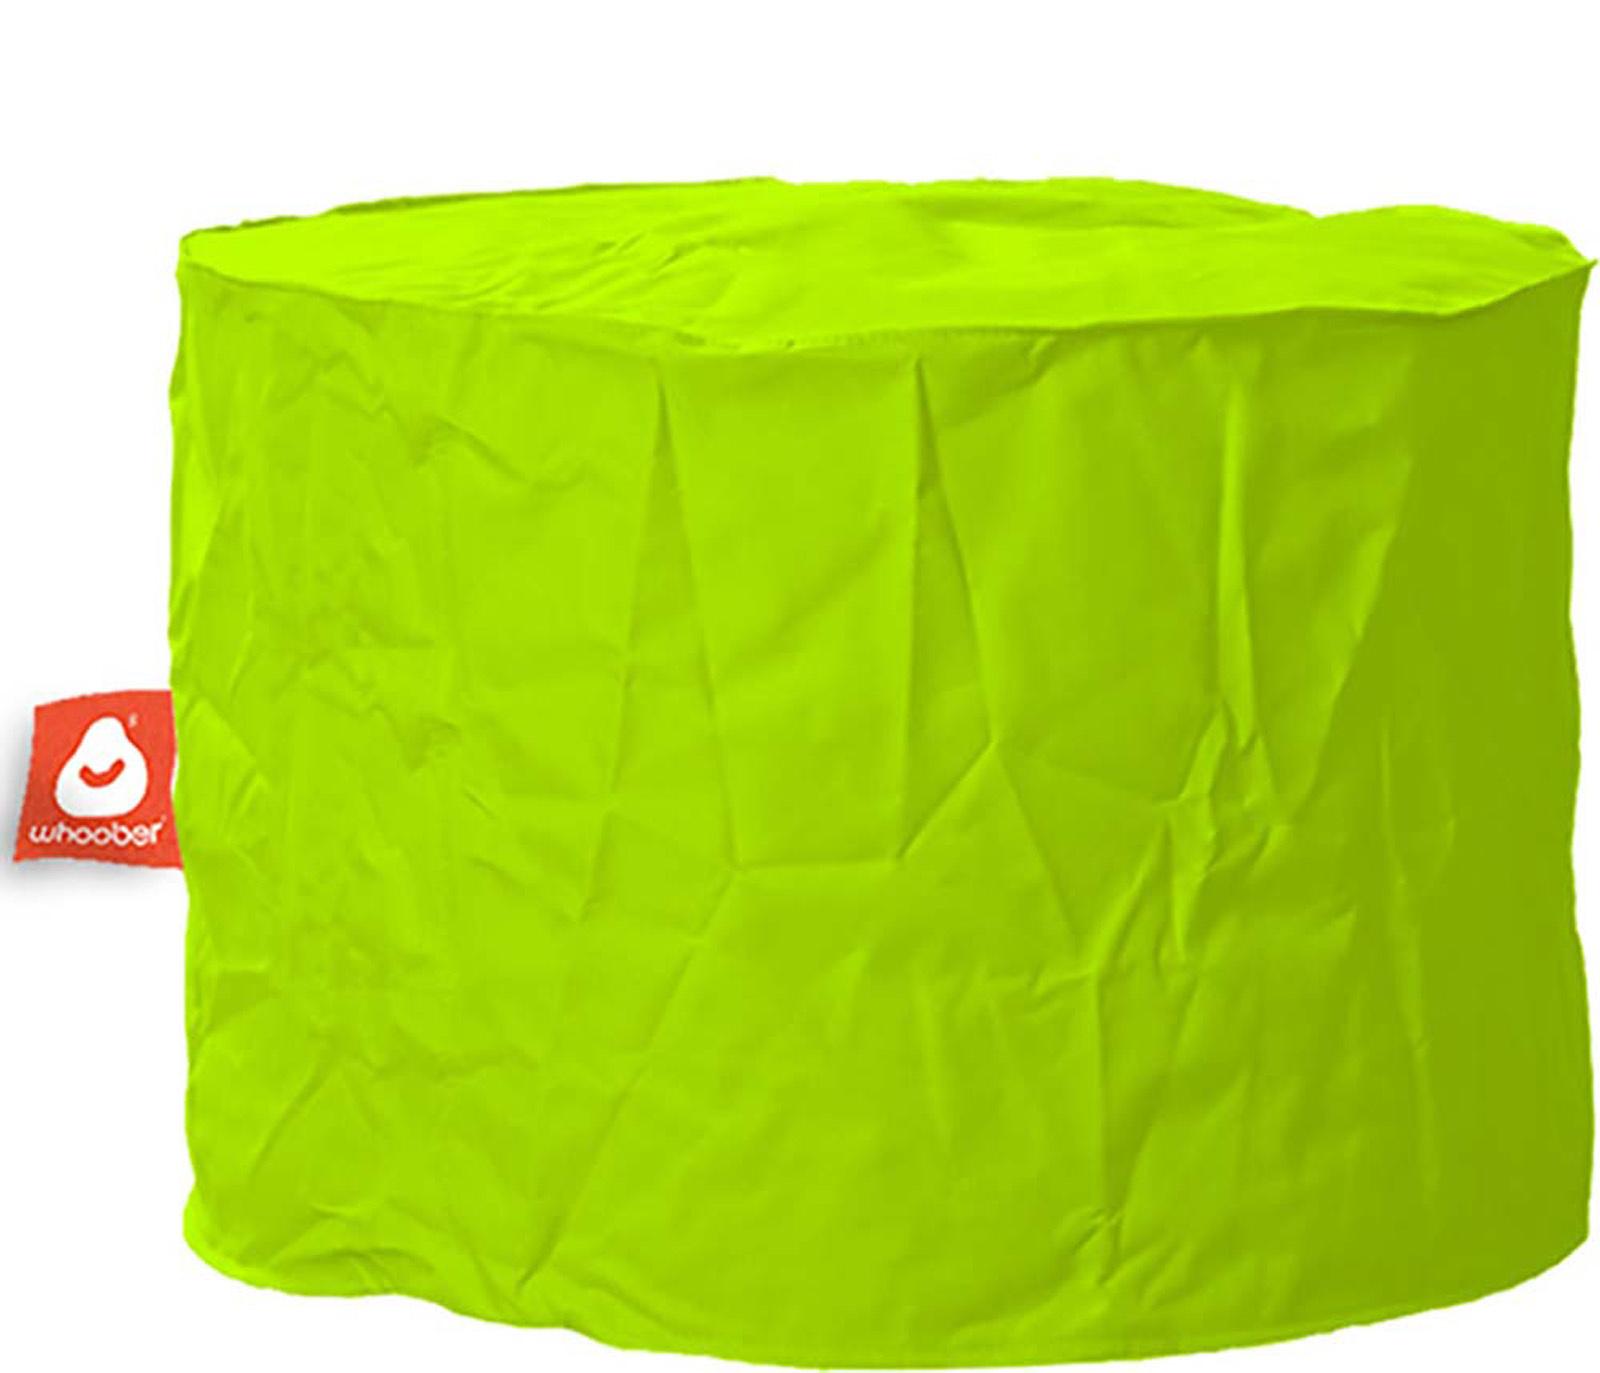 <h3>Comfortabele & multifunctionele limoen groene poef van Whoober-outdoor kwaliteit die in Nederland door Whoober wordt geproduceerd. Gratis verzending en binnen enkele werkdagen in huis!</h3><h2>Belangrijkste eigenschappen vande Rhodos</h2><ul><li>Ook